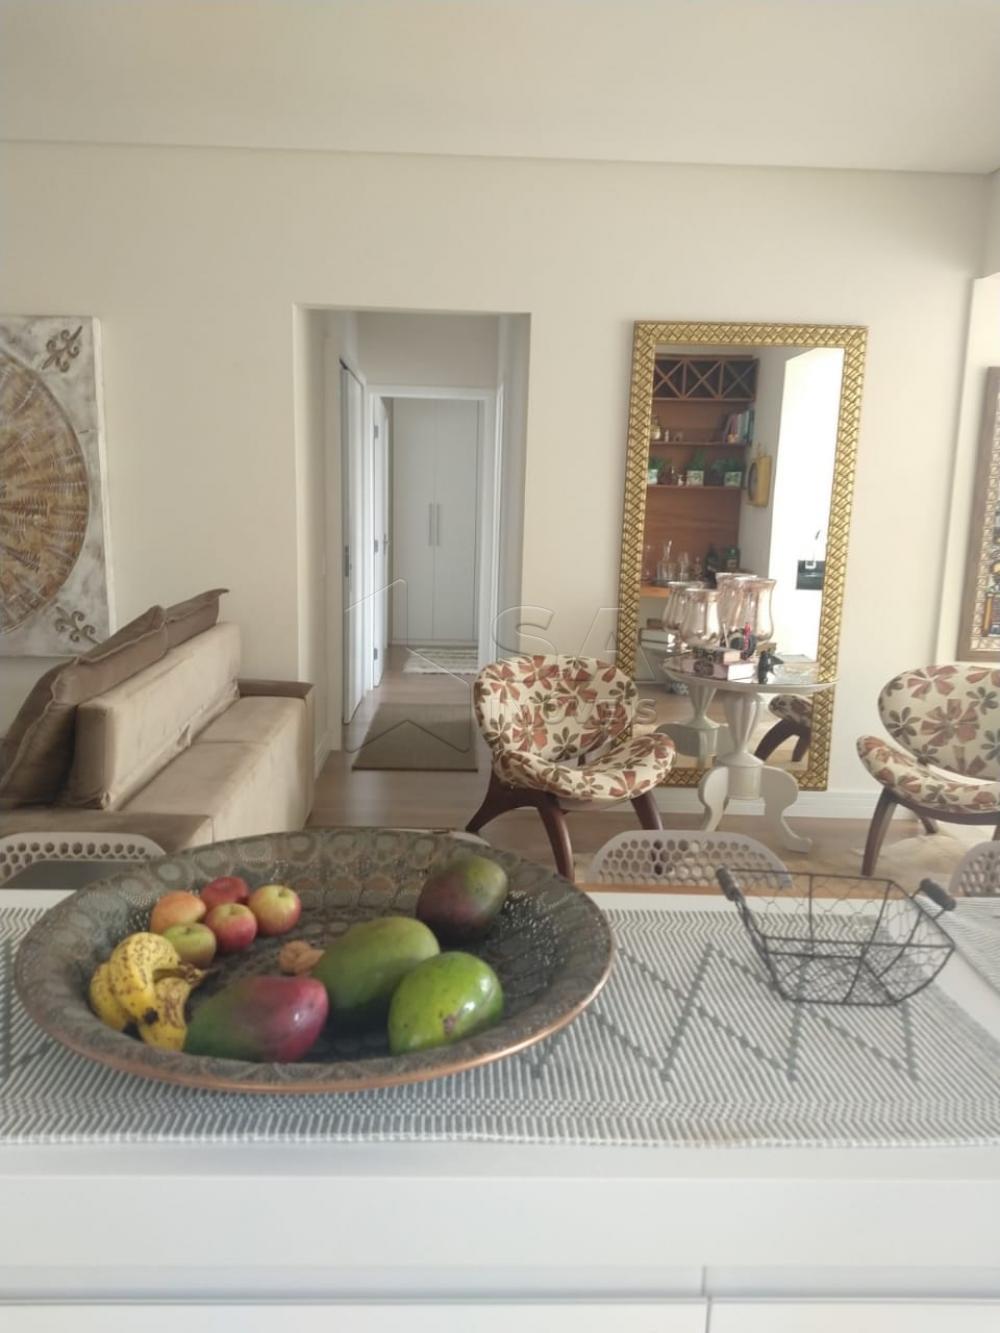 Comprar Apartamento / Padrão em Botucatu apenas R$ 750.000,00 - Foto 6